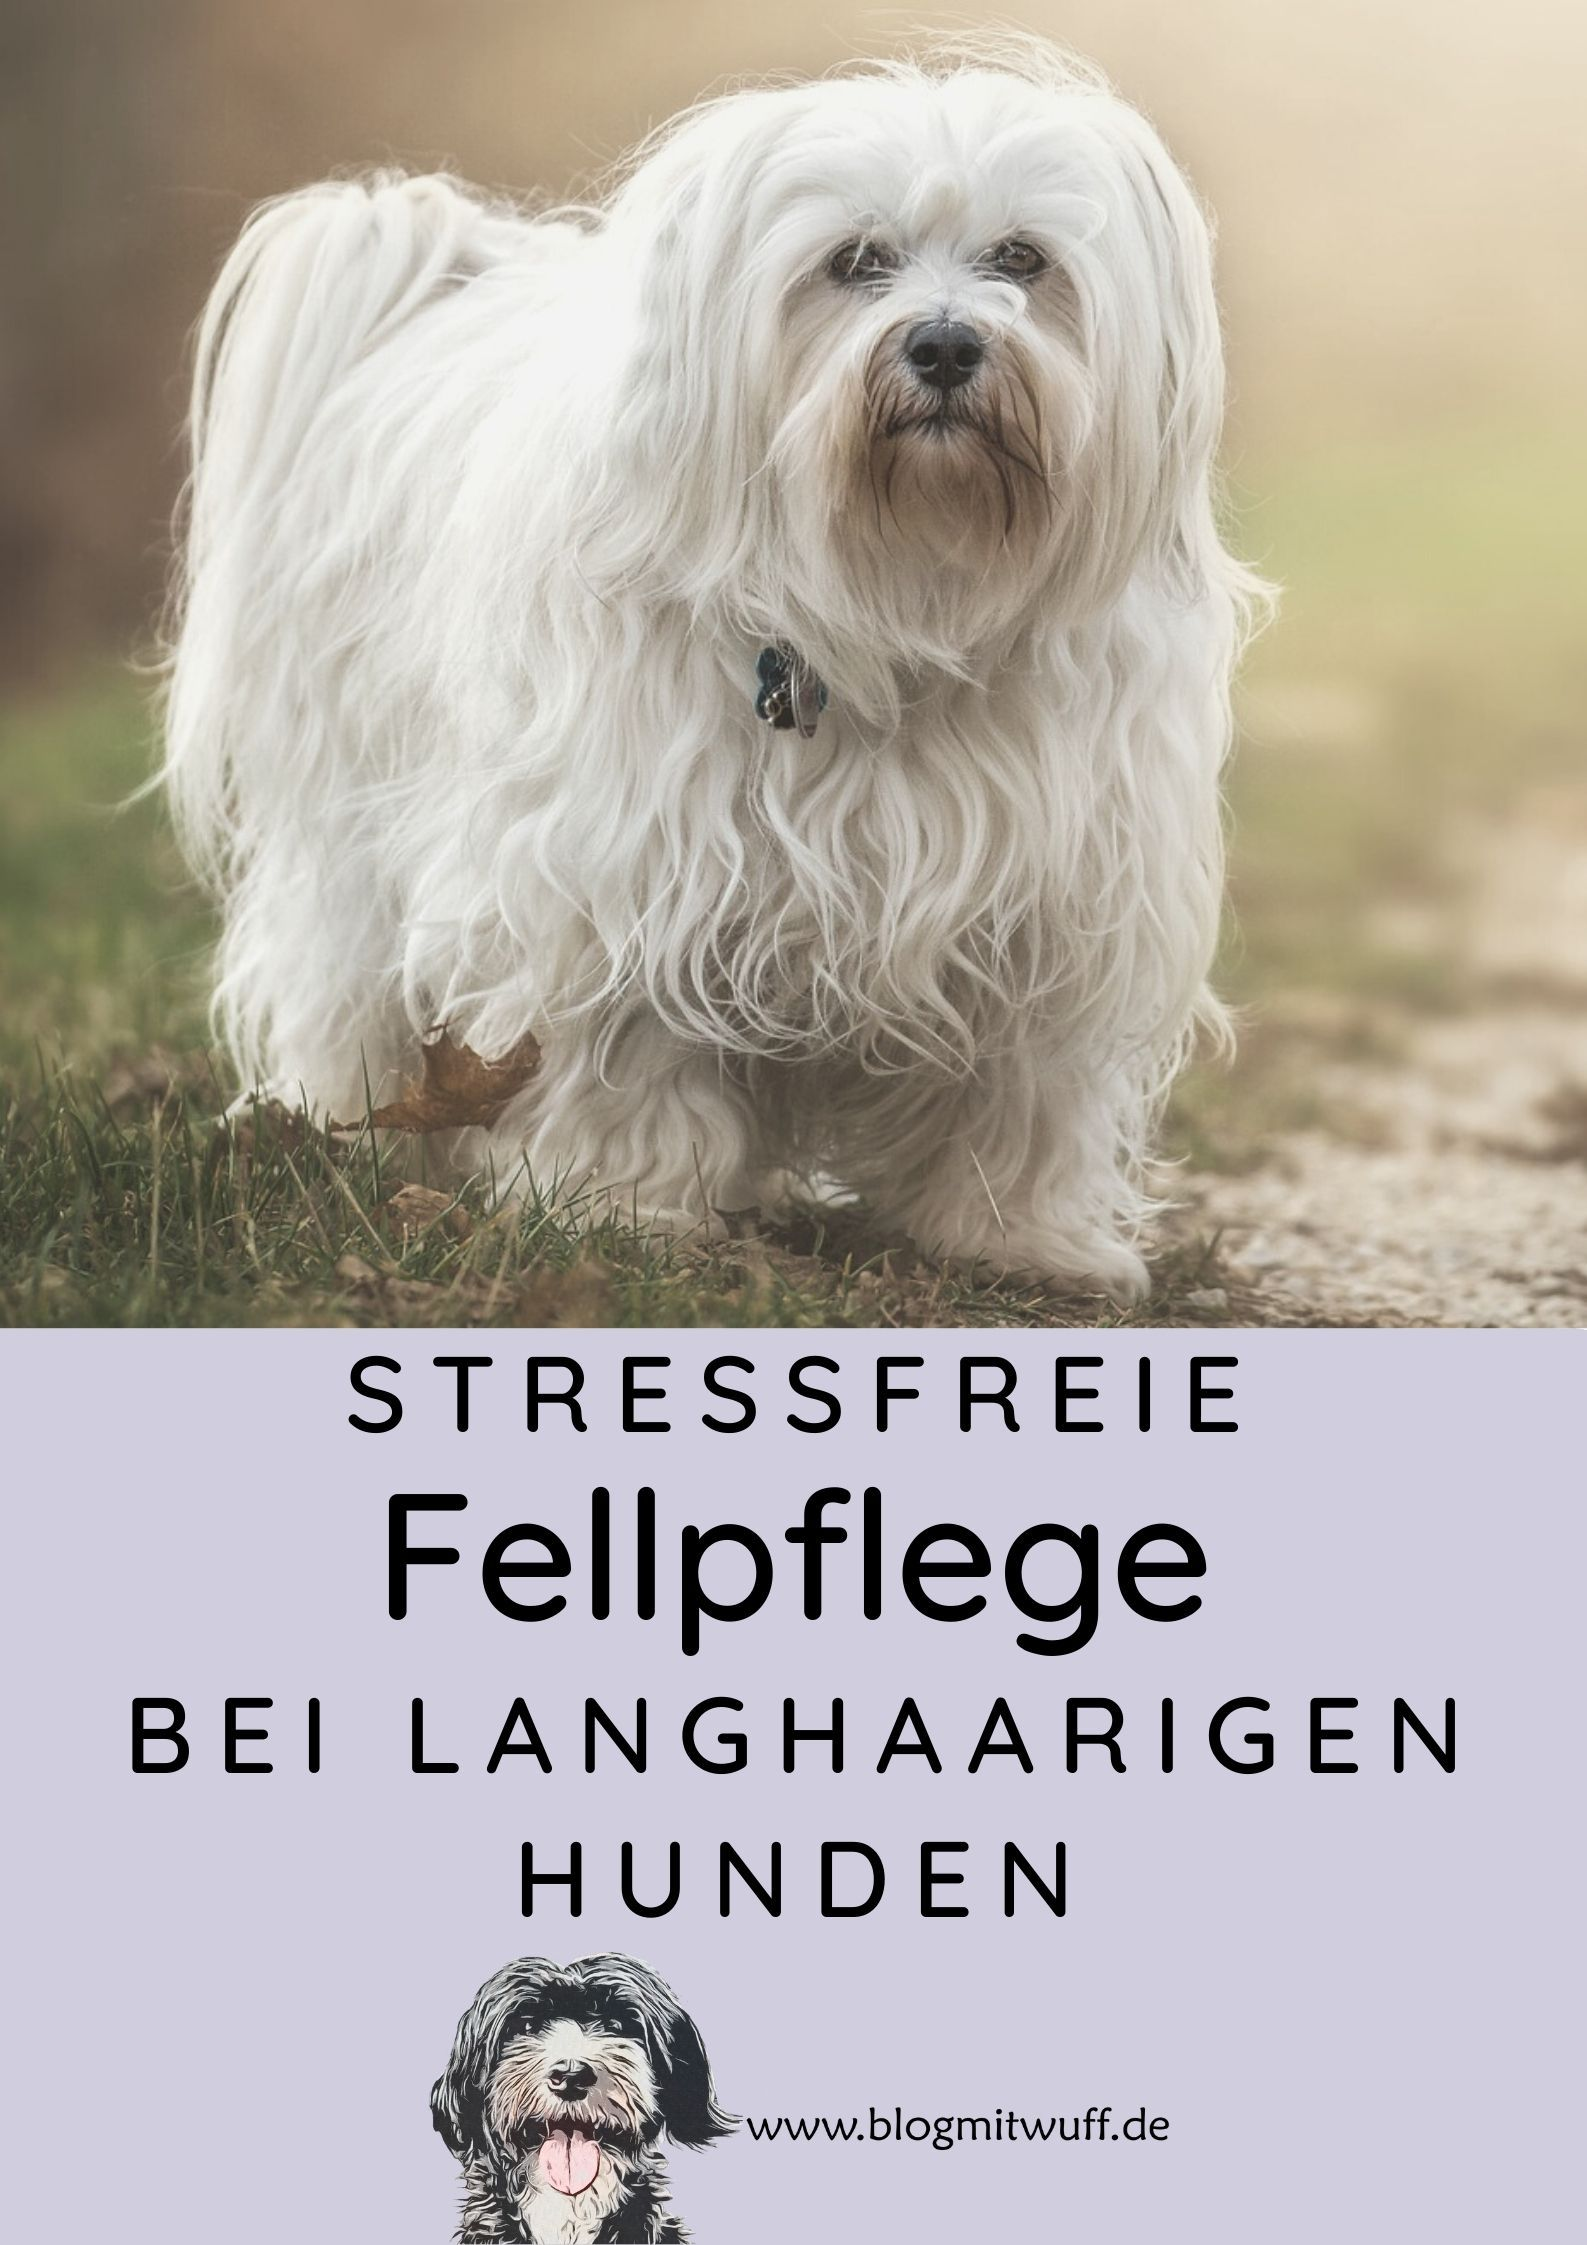 Stressfreie Fellpflege Bei Langhaarigen Hunden Hundepflege Frisuren Langhaar Hund Zahne Putzen